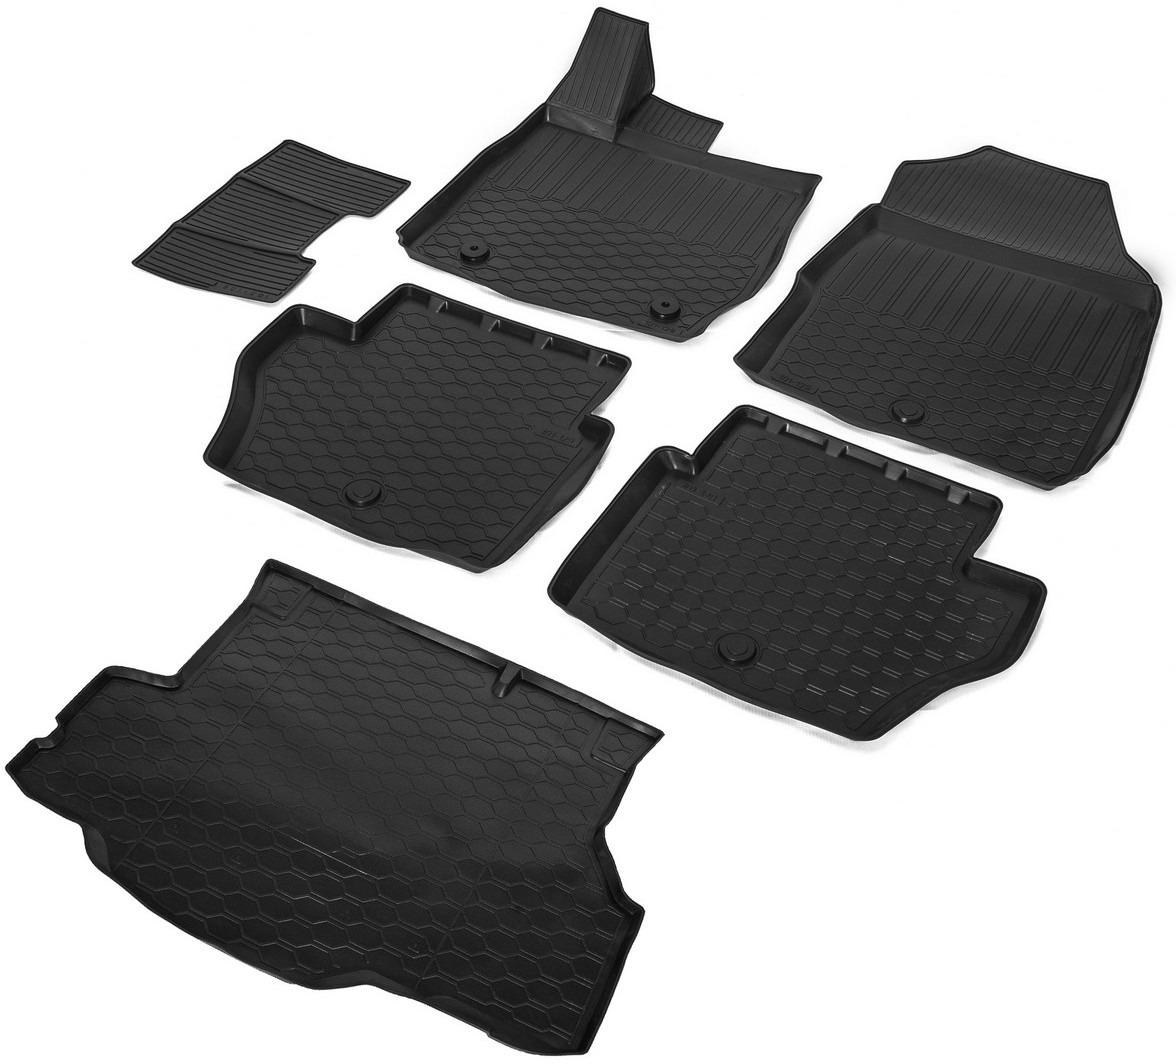 Комплект ковриков салона и багажника Rival для Ford Fiesta VI седан 2015-н.в., полиуретан, с крепежом, с перемычкой, 6 шт. K11805003-1 коврики салона rival для toyota rav4 2013 2015 2015 н в резина 65706001